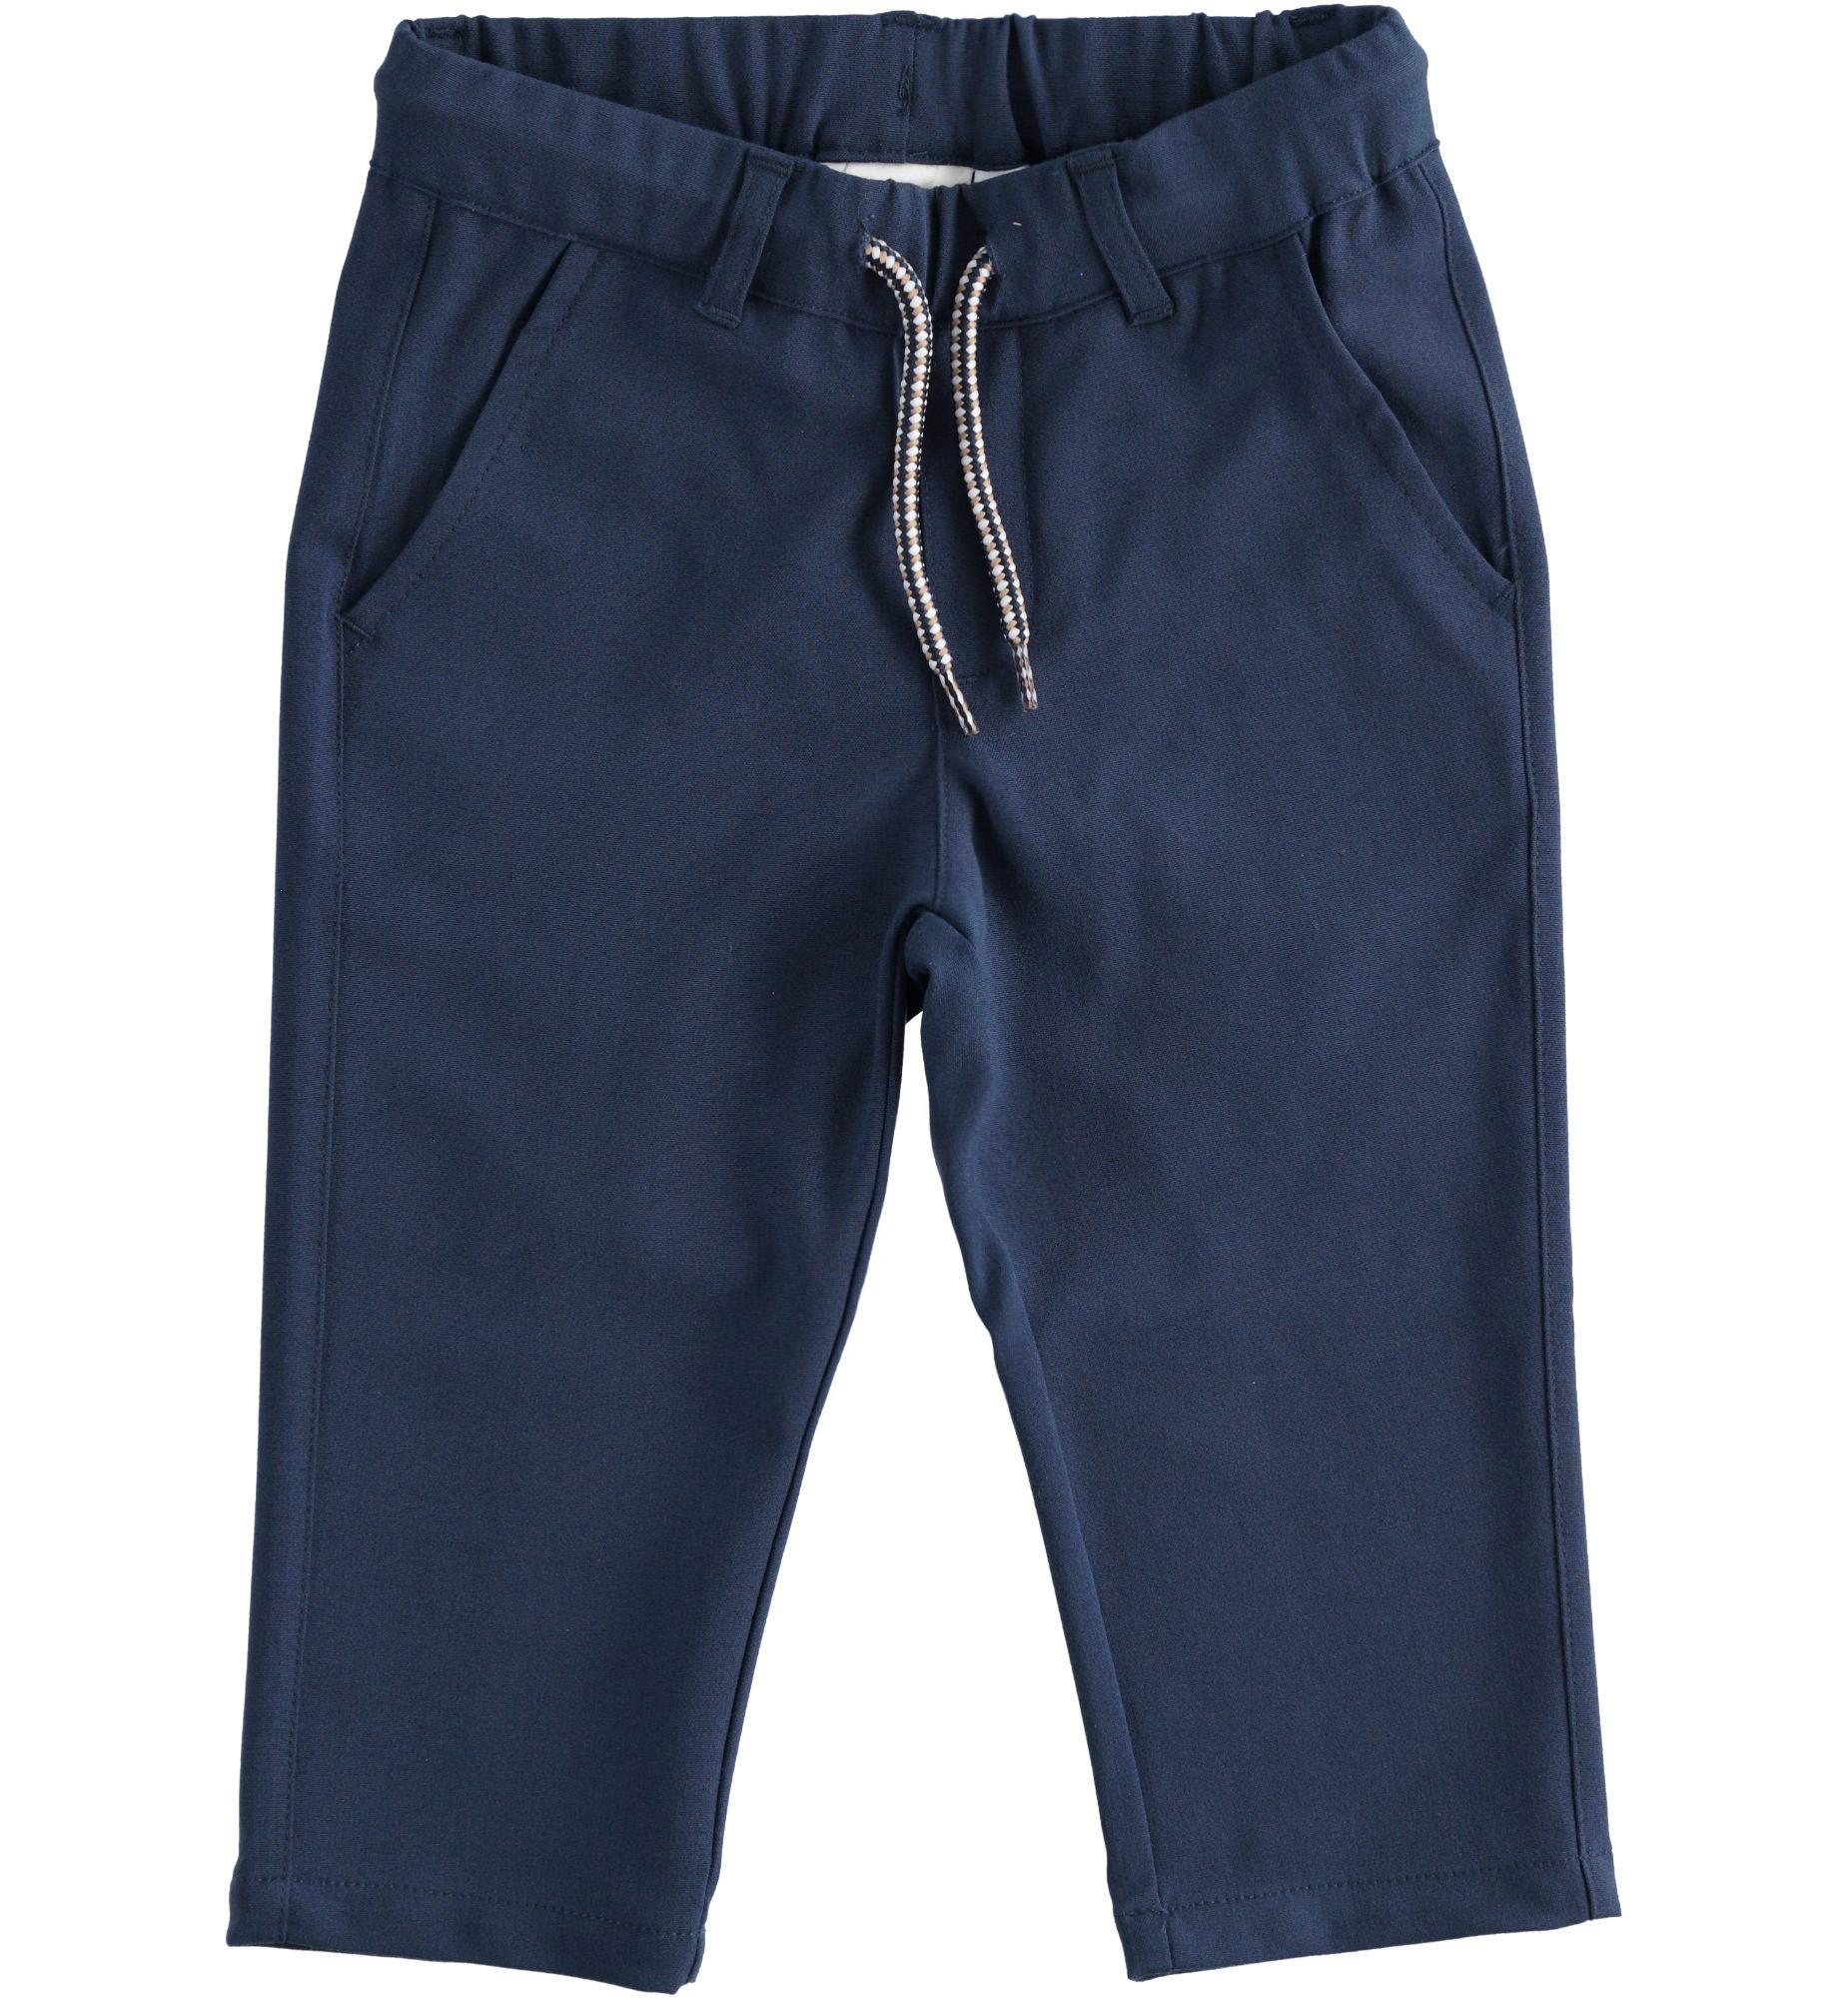 Kék megköthető pamut nadrág